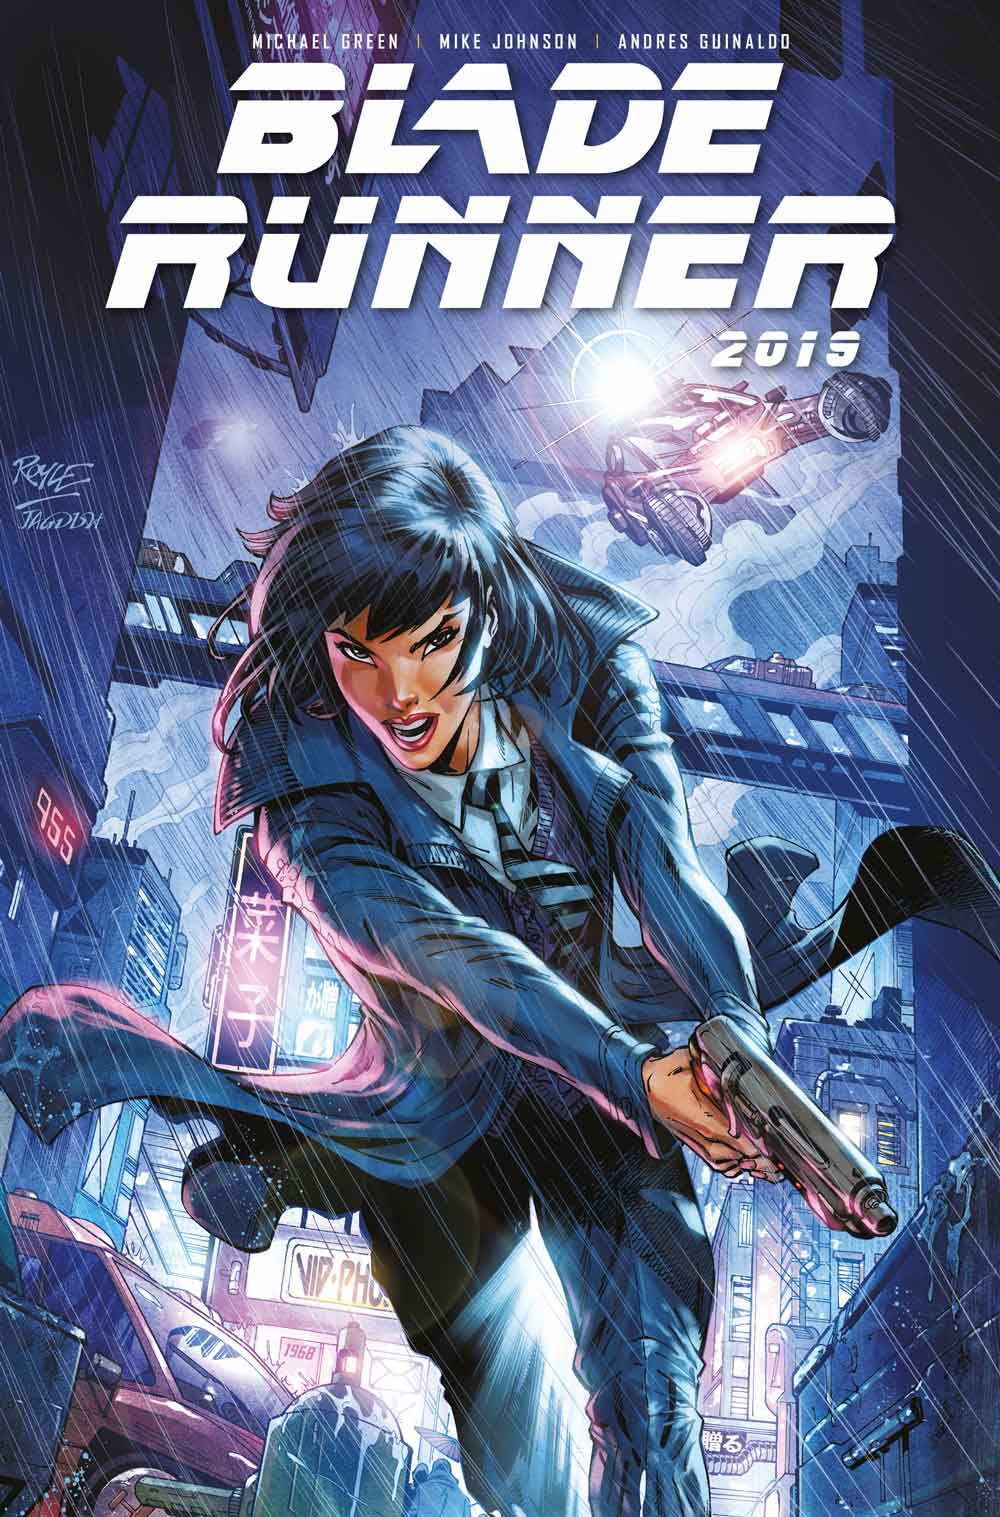 Blade Runner Cover D: John Royle